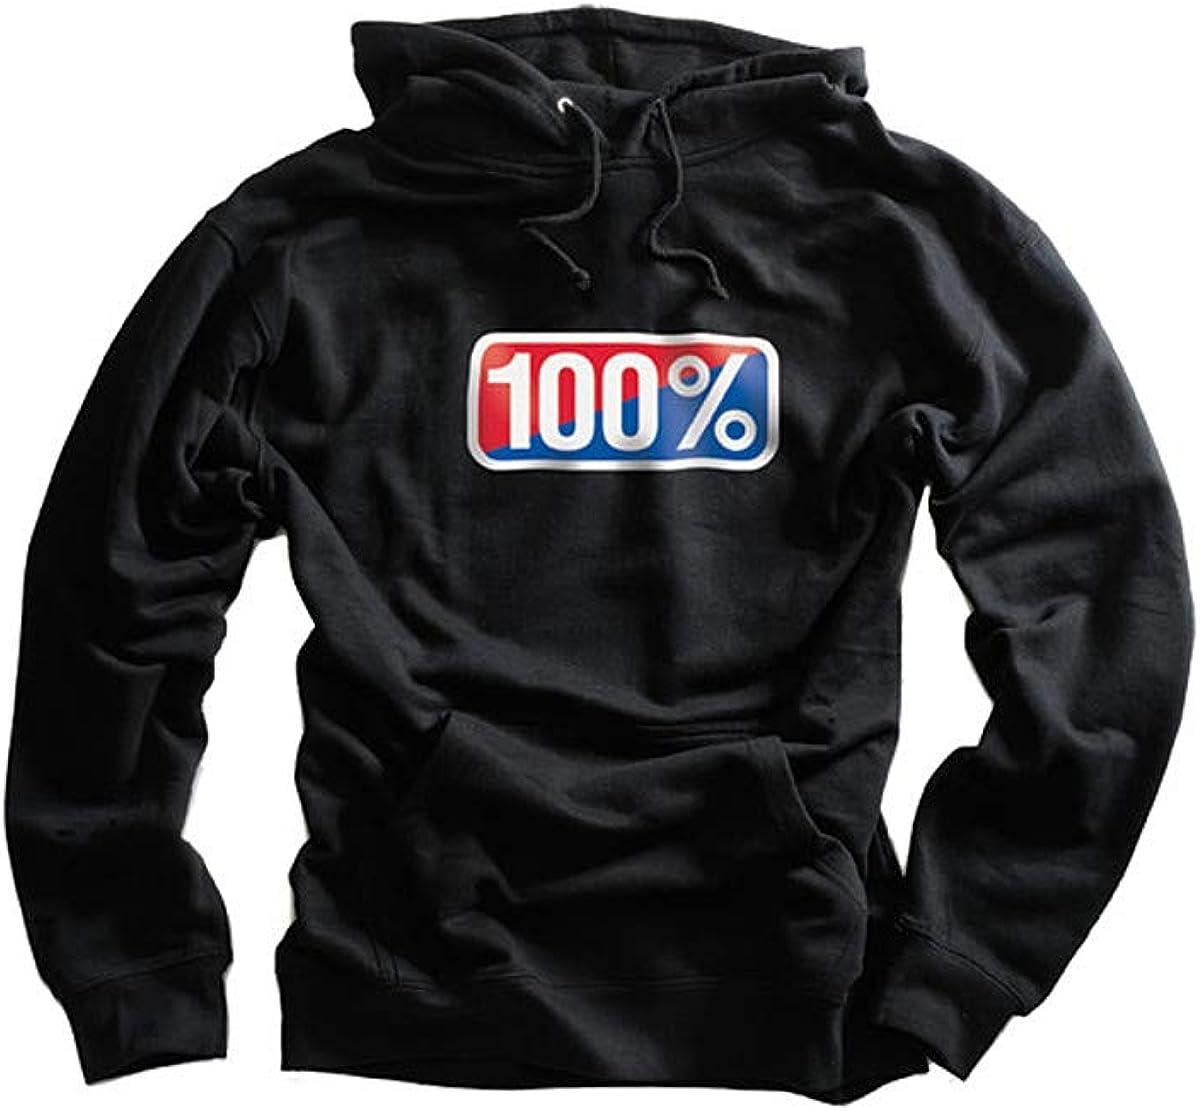 100% Hooded Classic Zip Fresno Mall Full Japan Maker New